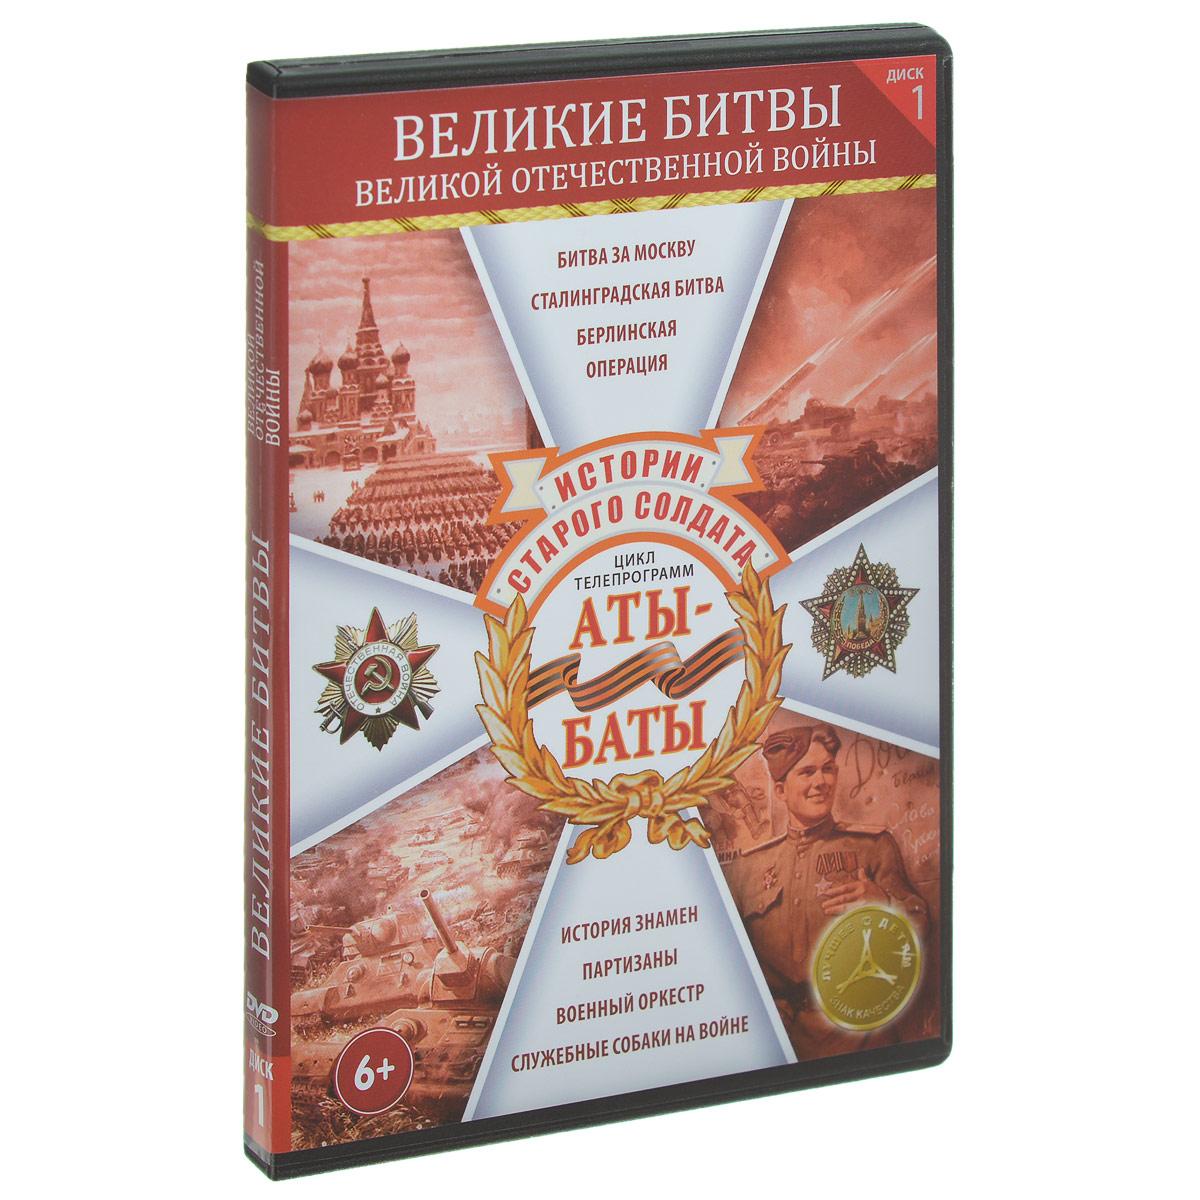 Аты-баты. Часть 1. Великие битвы Великой Отечественной войны